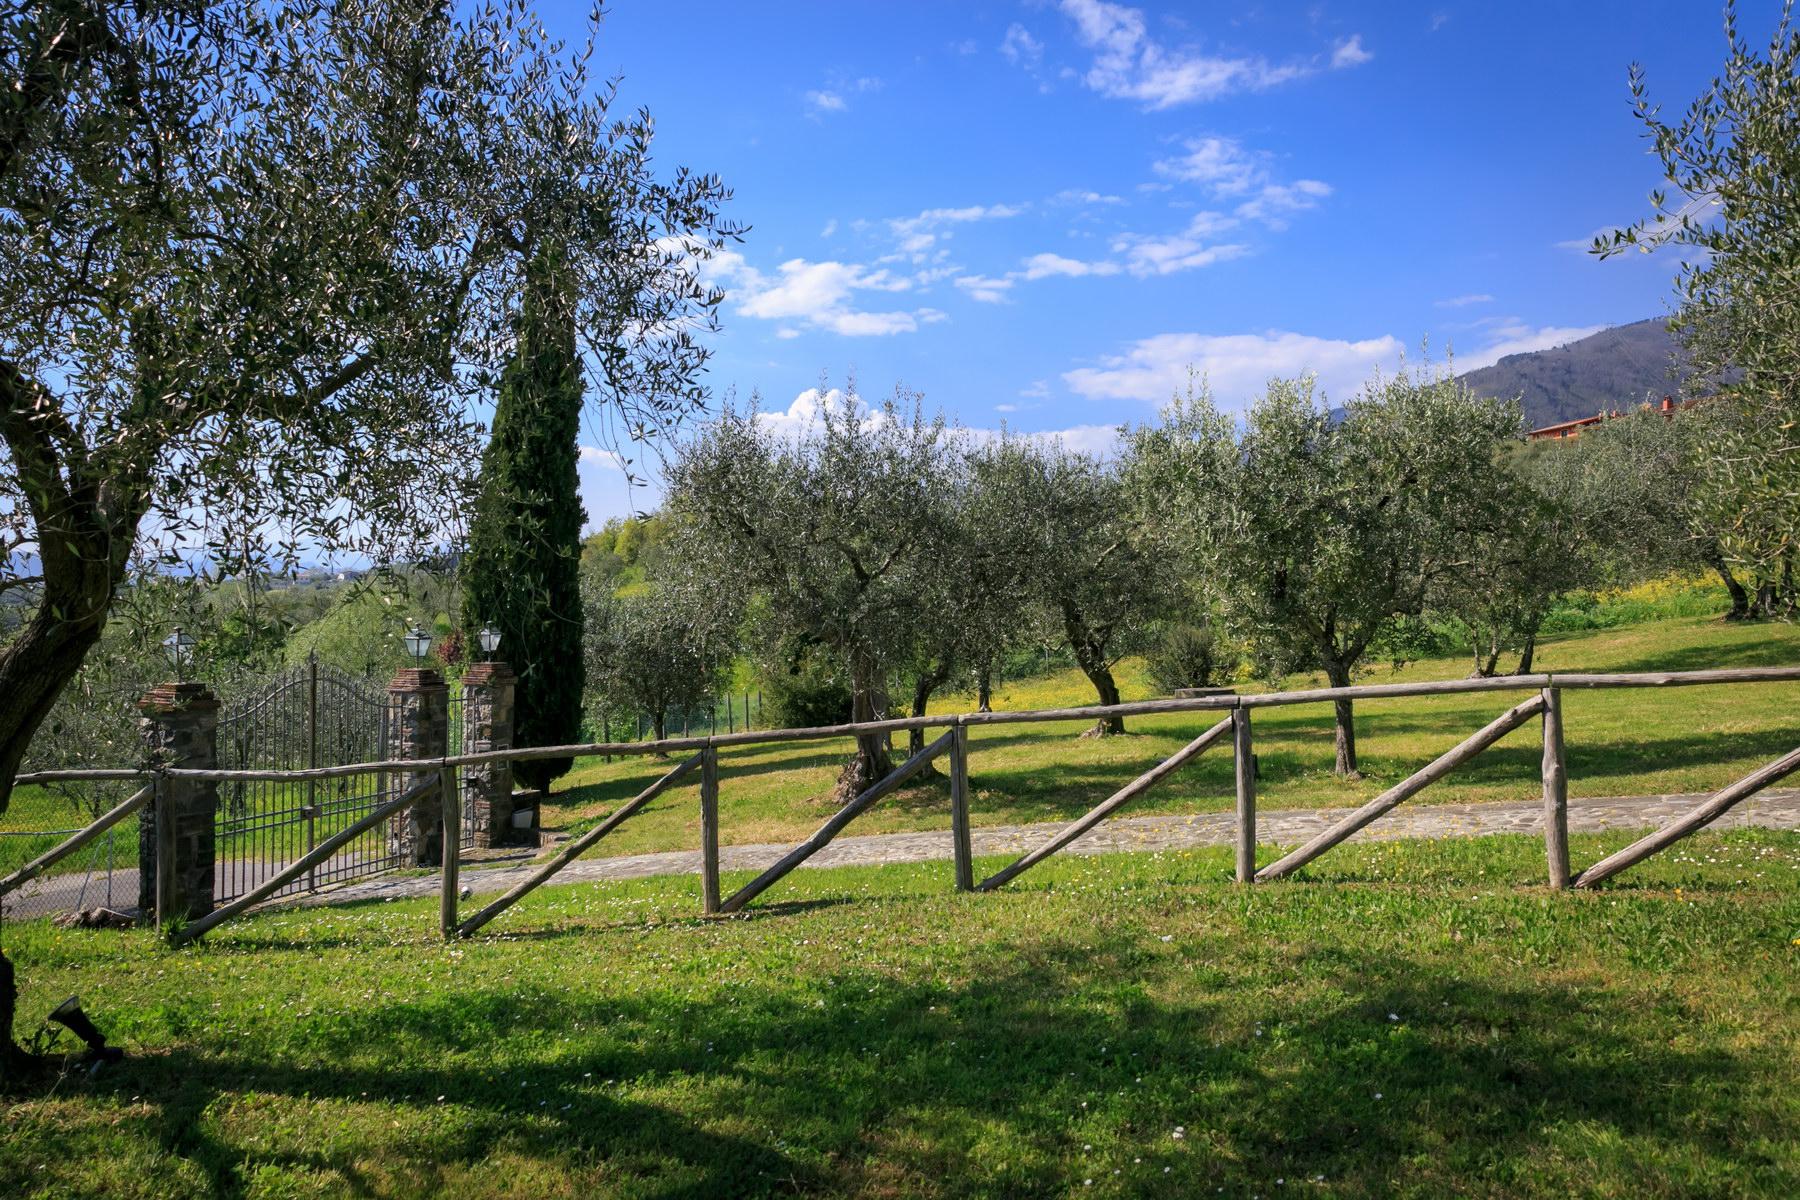 Rustico in Vendita a Capannori: 5 locali, 510 mq - Foto 7